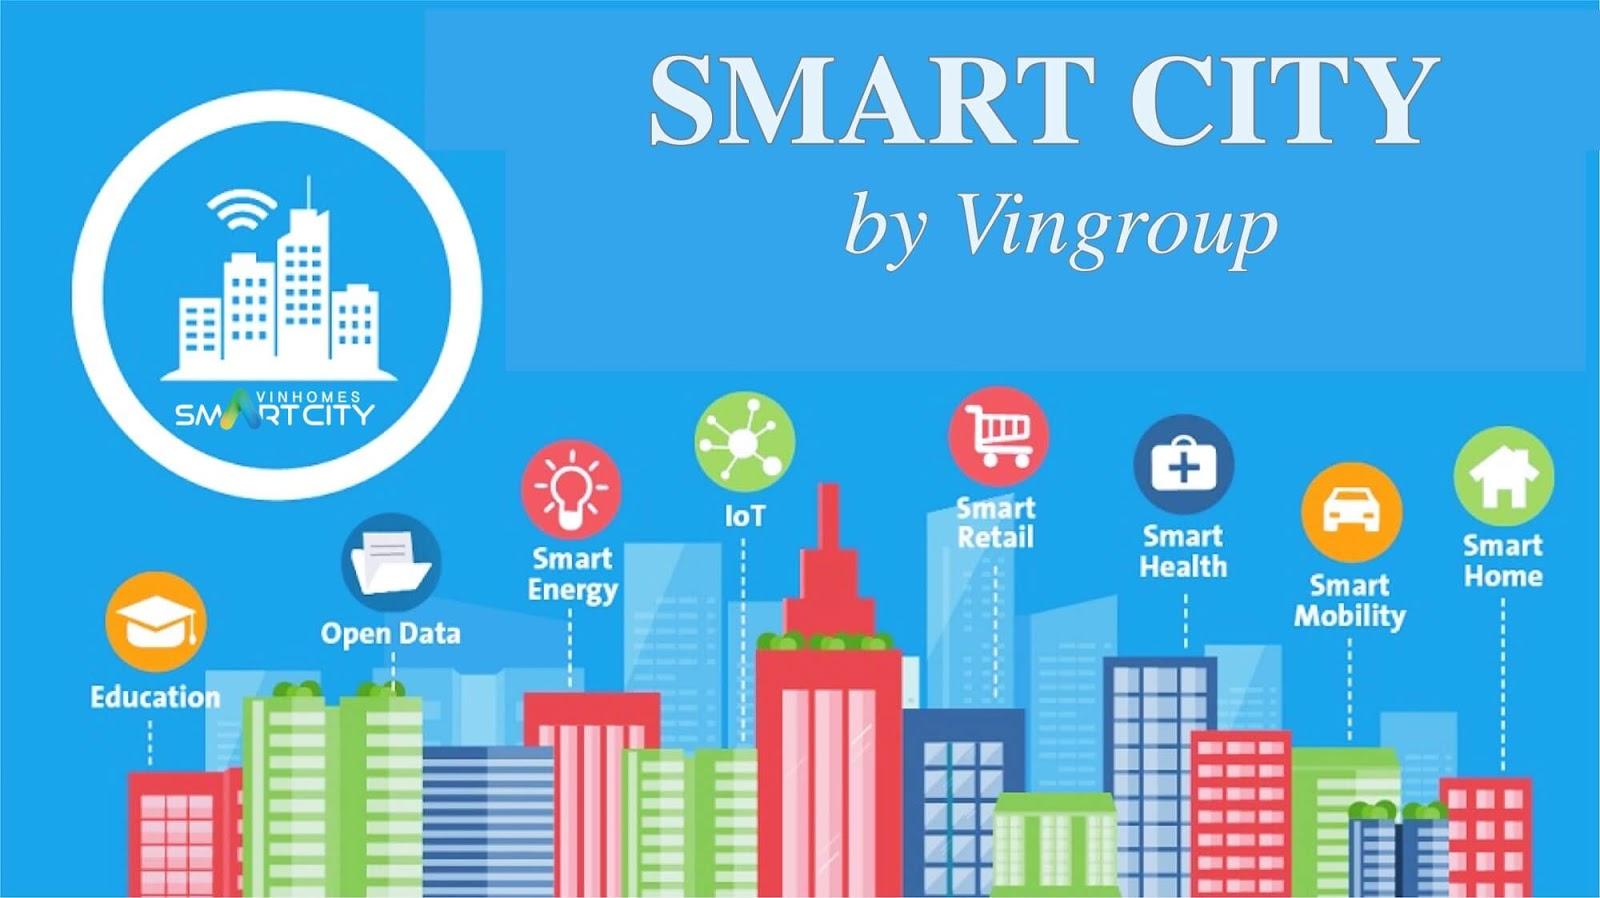 Thành phố thông minh hiện đại Vinhomes Smart City của Vingroup